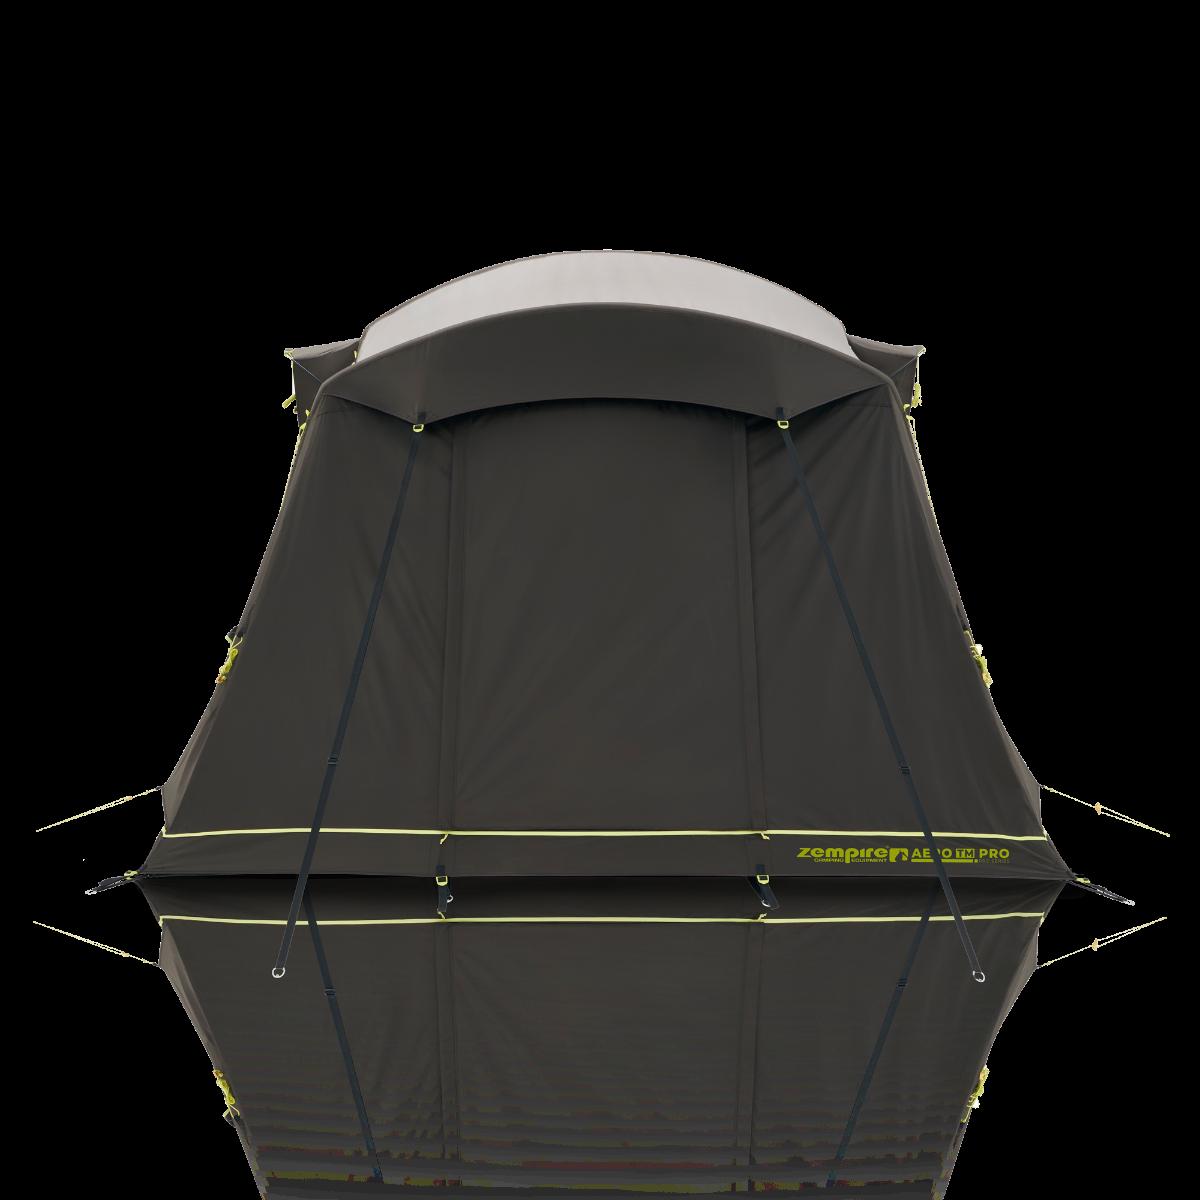 Aero Tm Pro 2